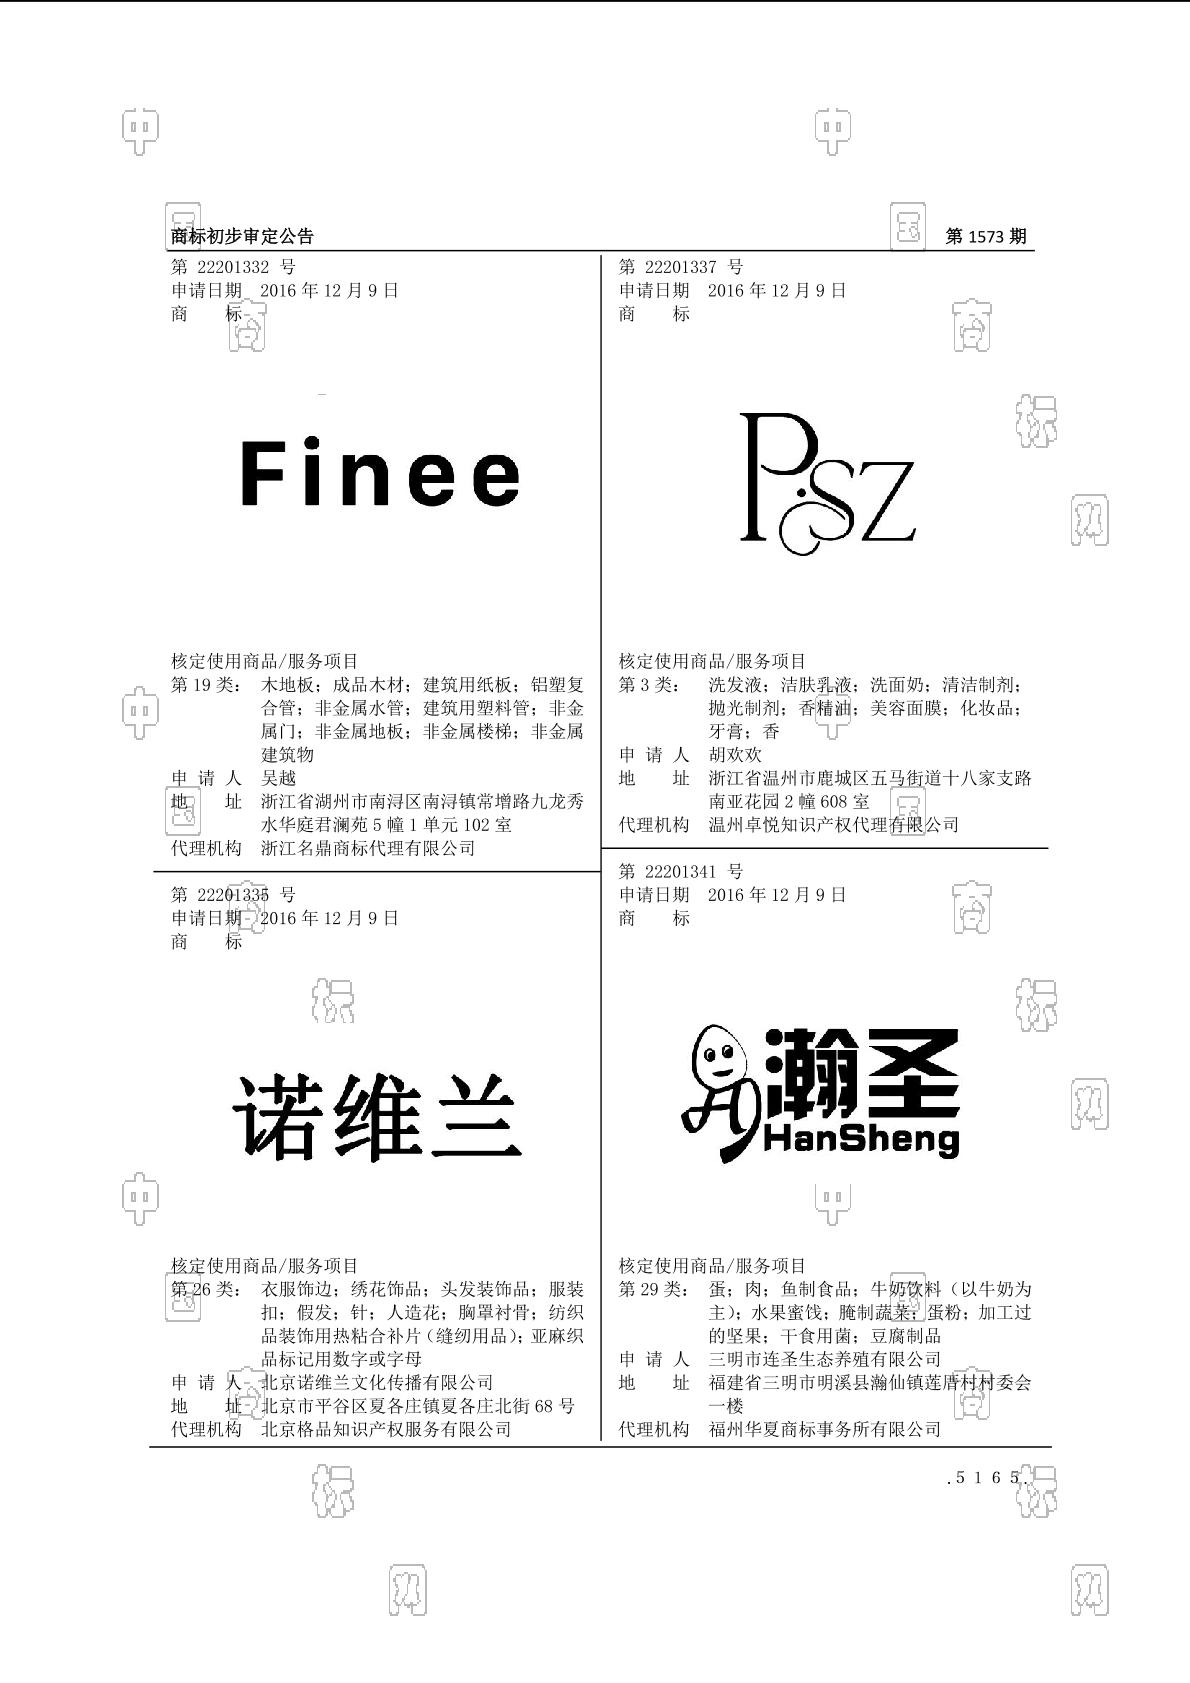 【社标网】PSZ商标状态注册号信息 胡欢欢商标信息-商标查询